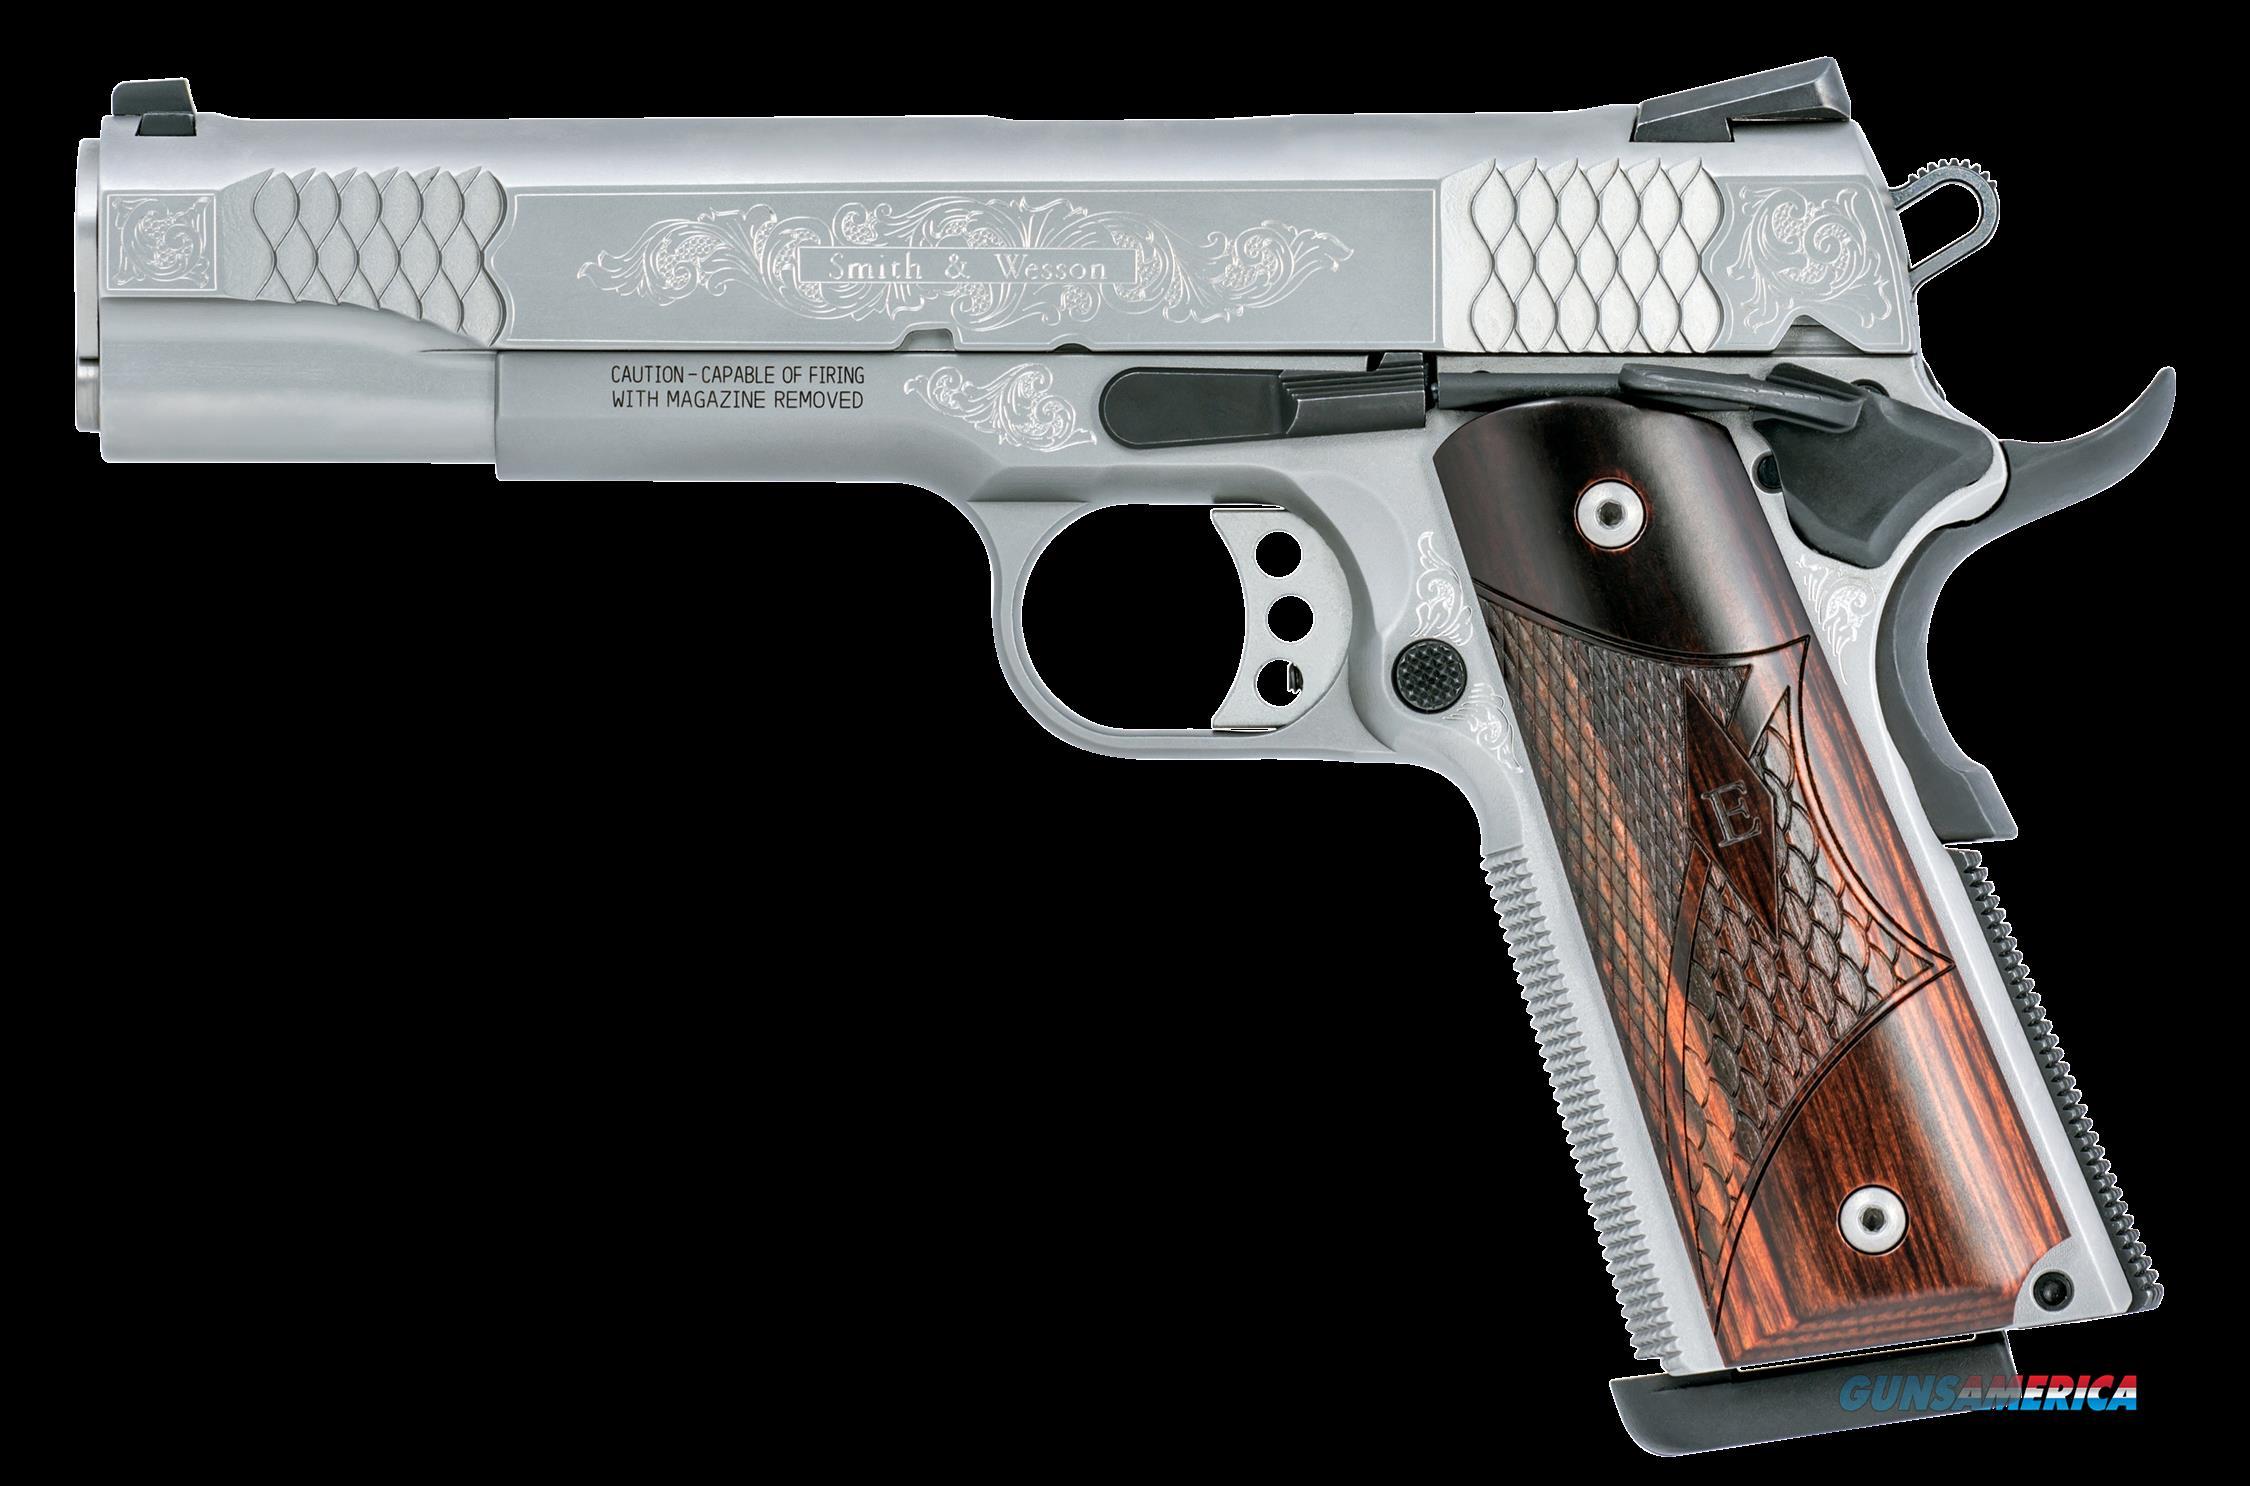 Smith & Wesson 1911, S&w M1911     10270  45 Eng  5        Ss  Guns > Pistols > 1911 Pistol Copies (non-Colt)